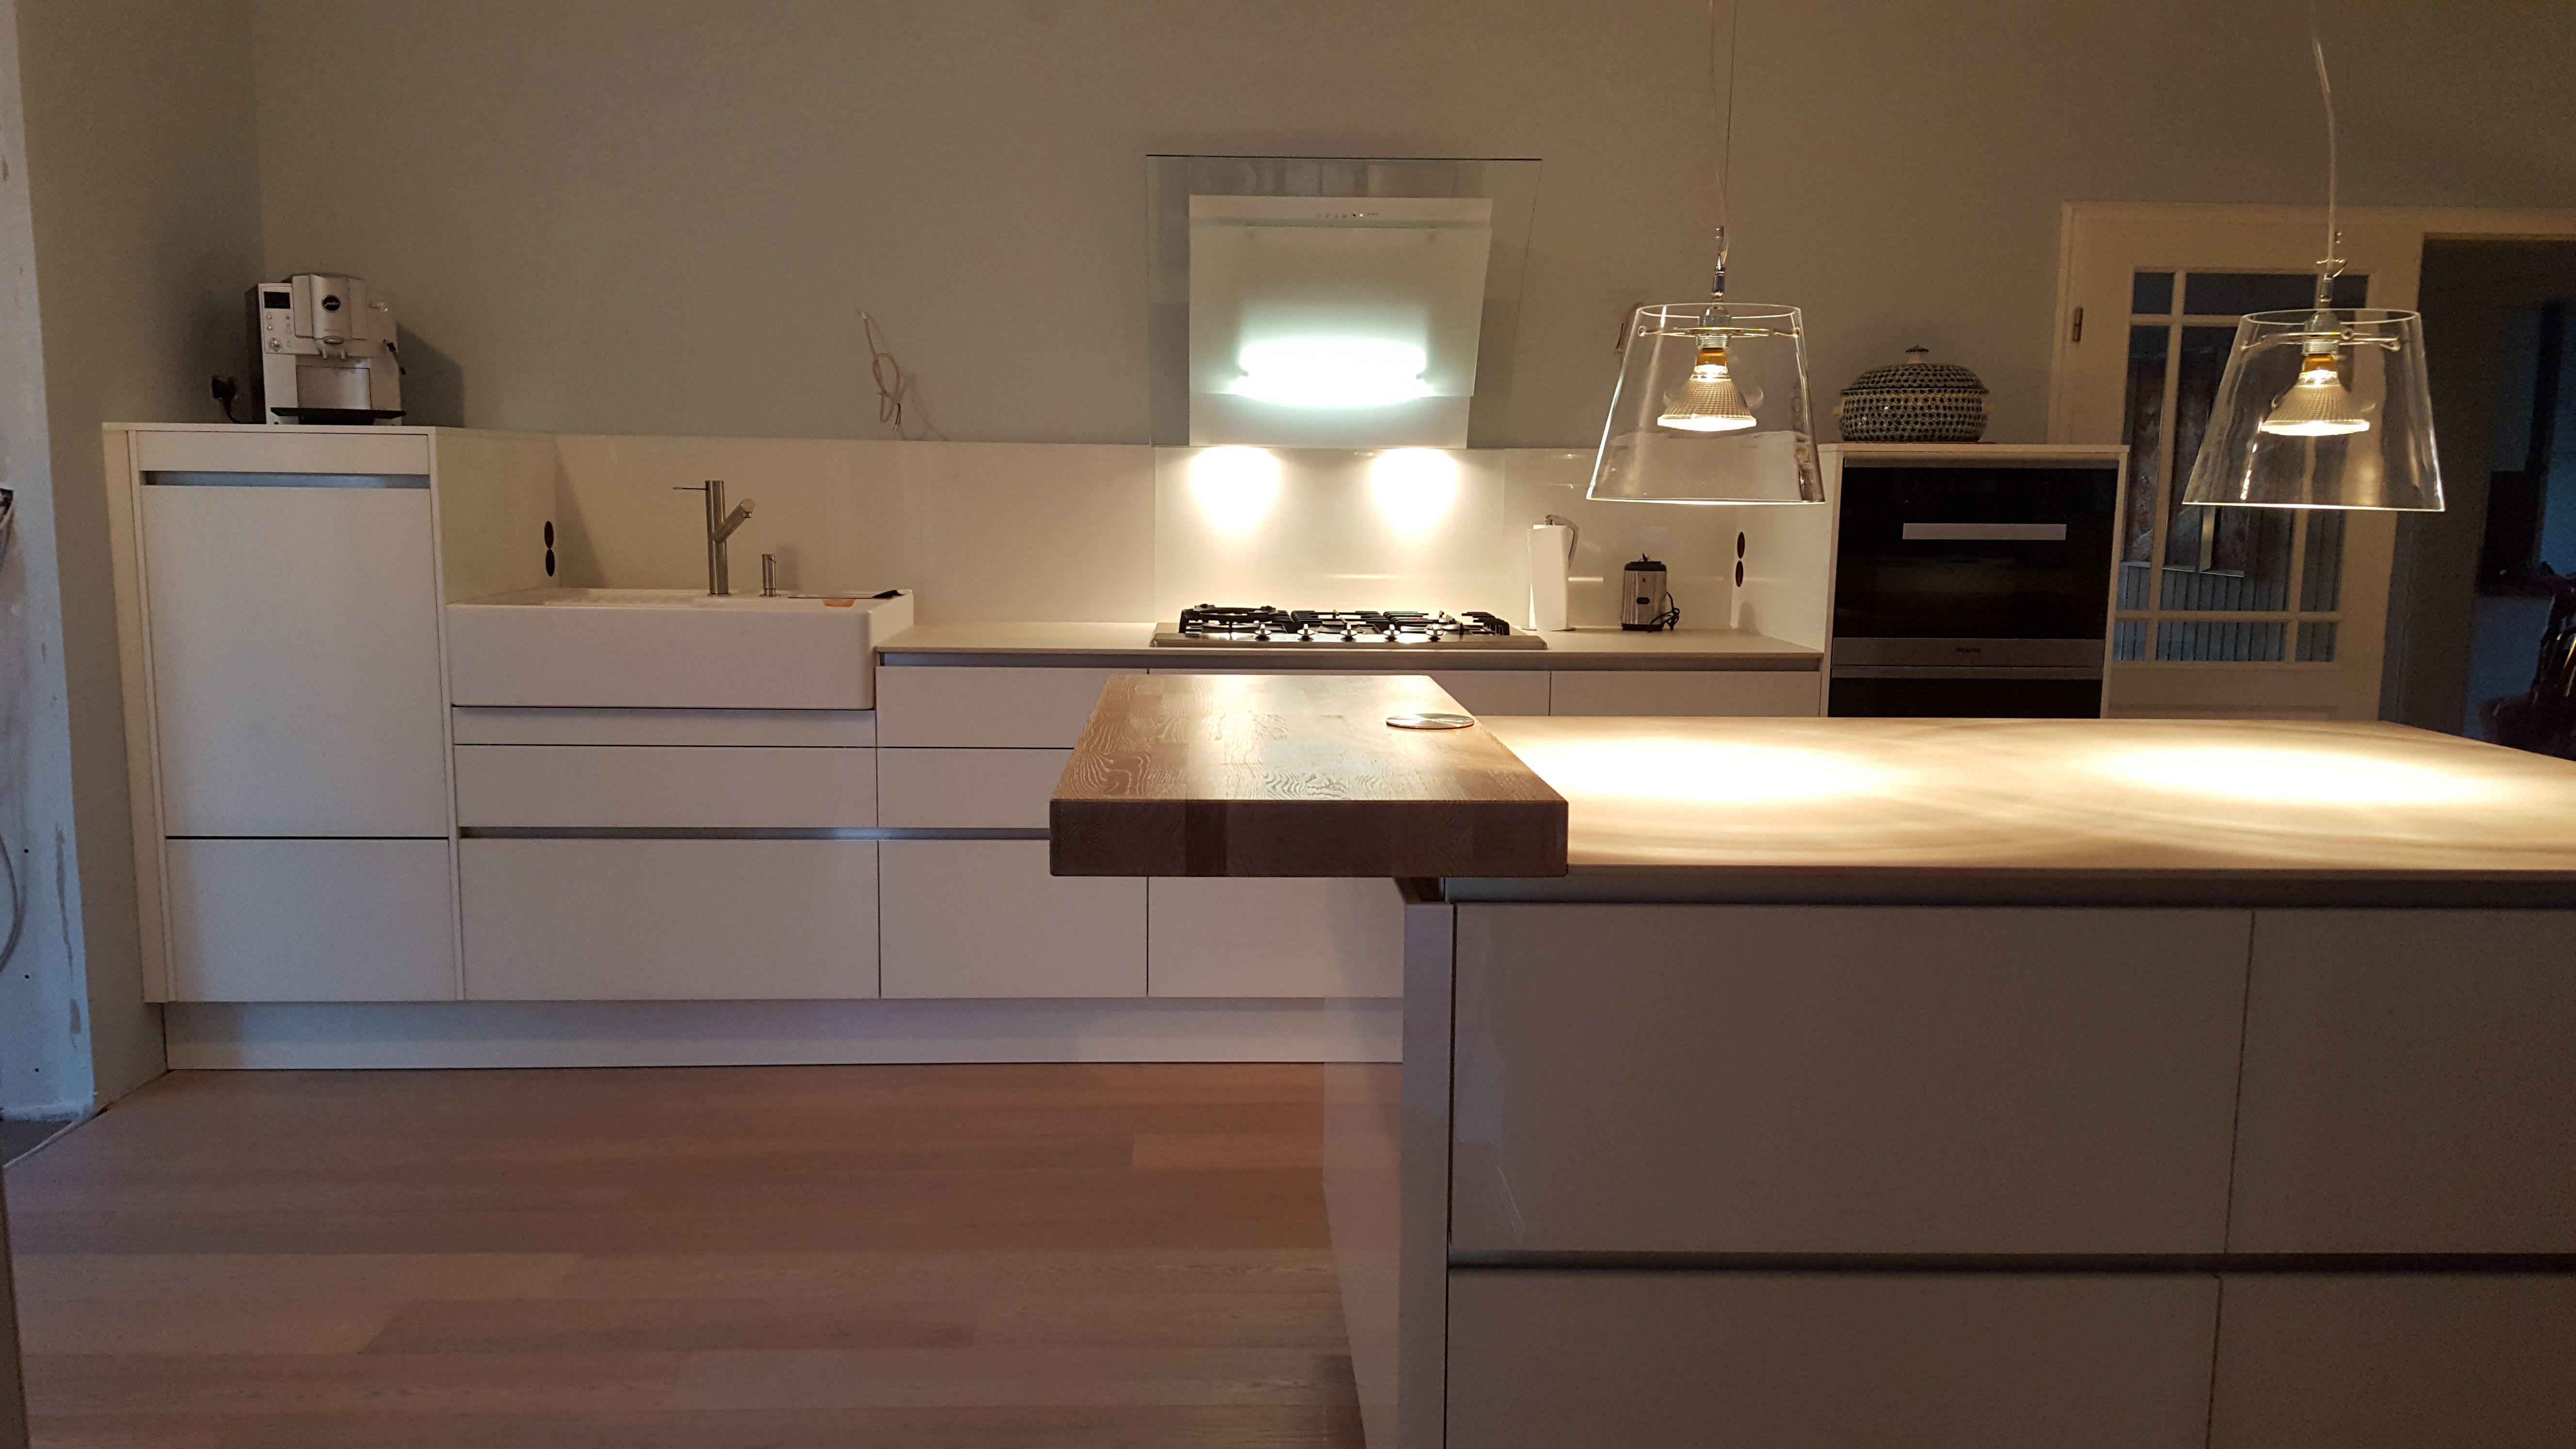 Küche ohne dunstabzugshaube küche mit elektrogeräten einbauküche